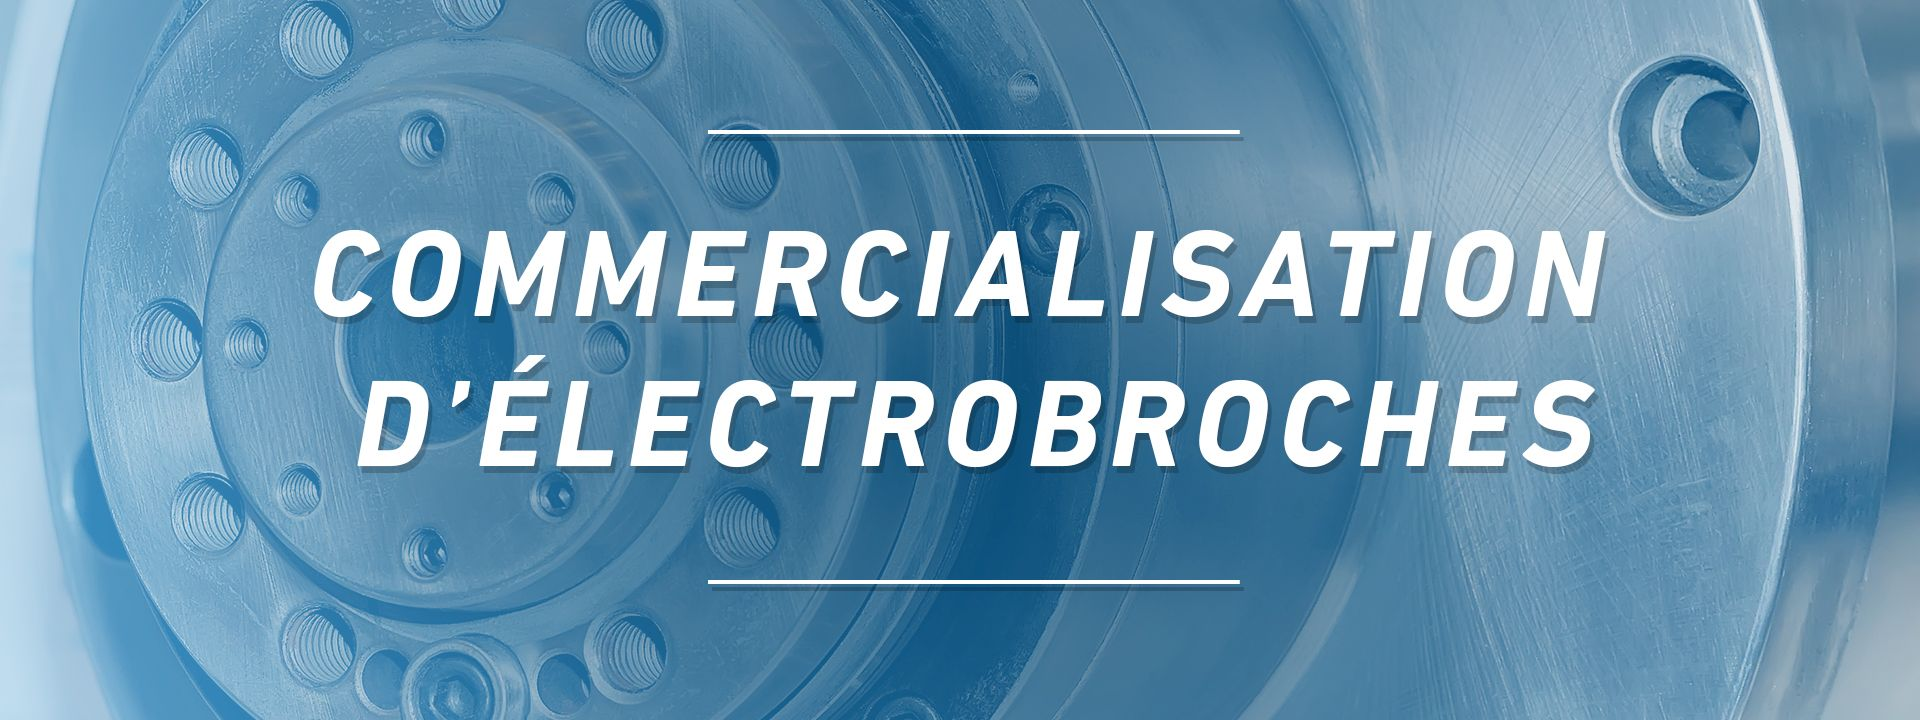 Precise France - Commercialisation d'électrobroches